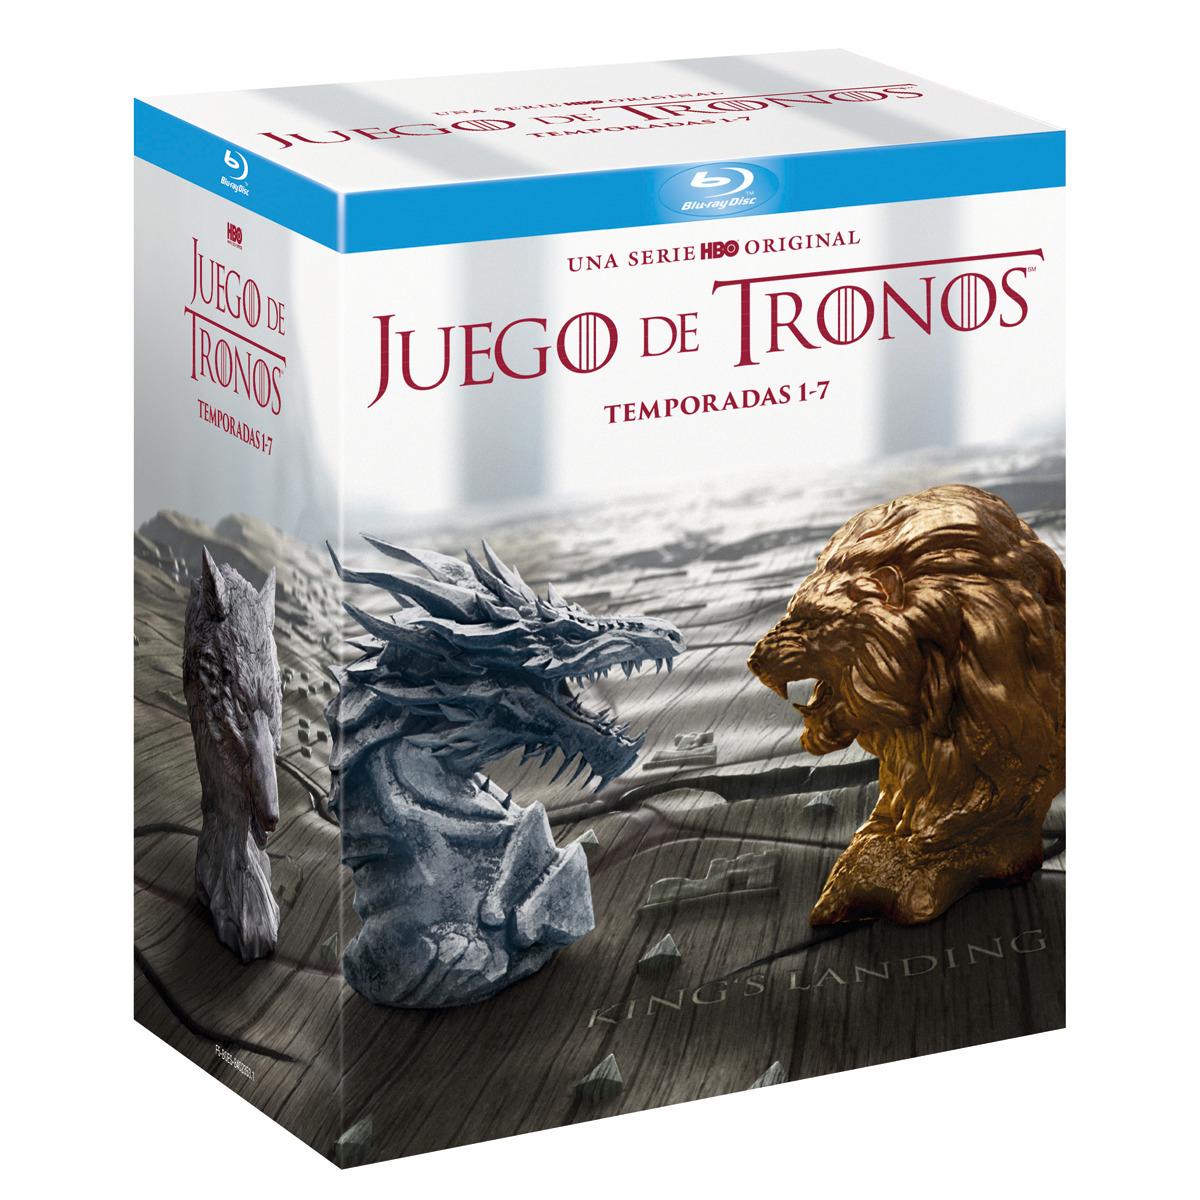 Pack Juego de Tronos: Temporadas 1-7 (Blu-Ray) VOSE